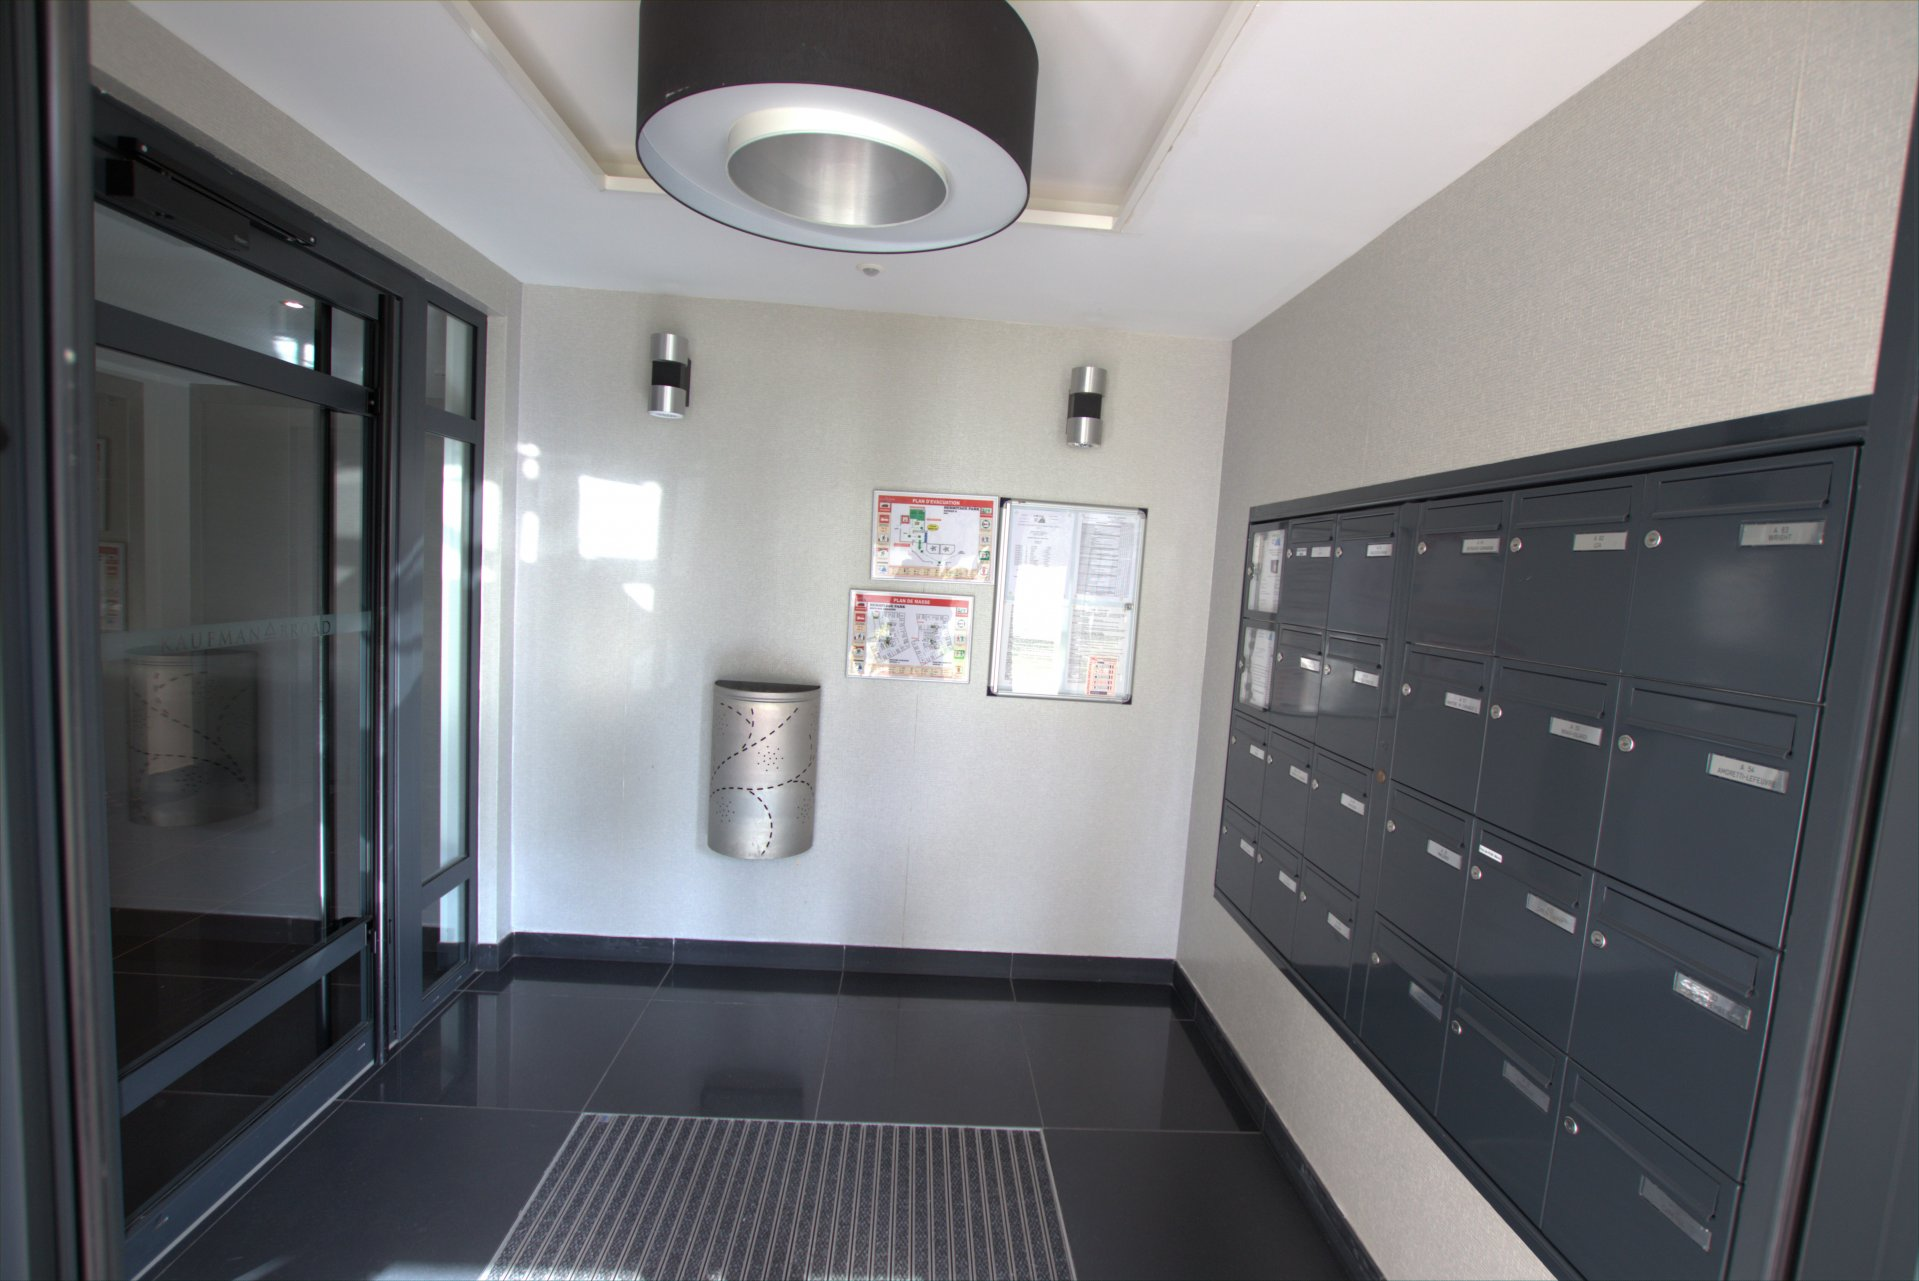 Menton - 4 pièces - 110 m²- terrasses 64 m²